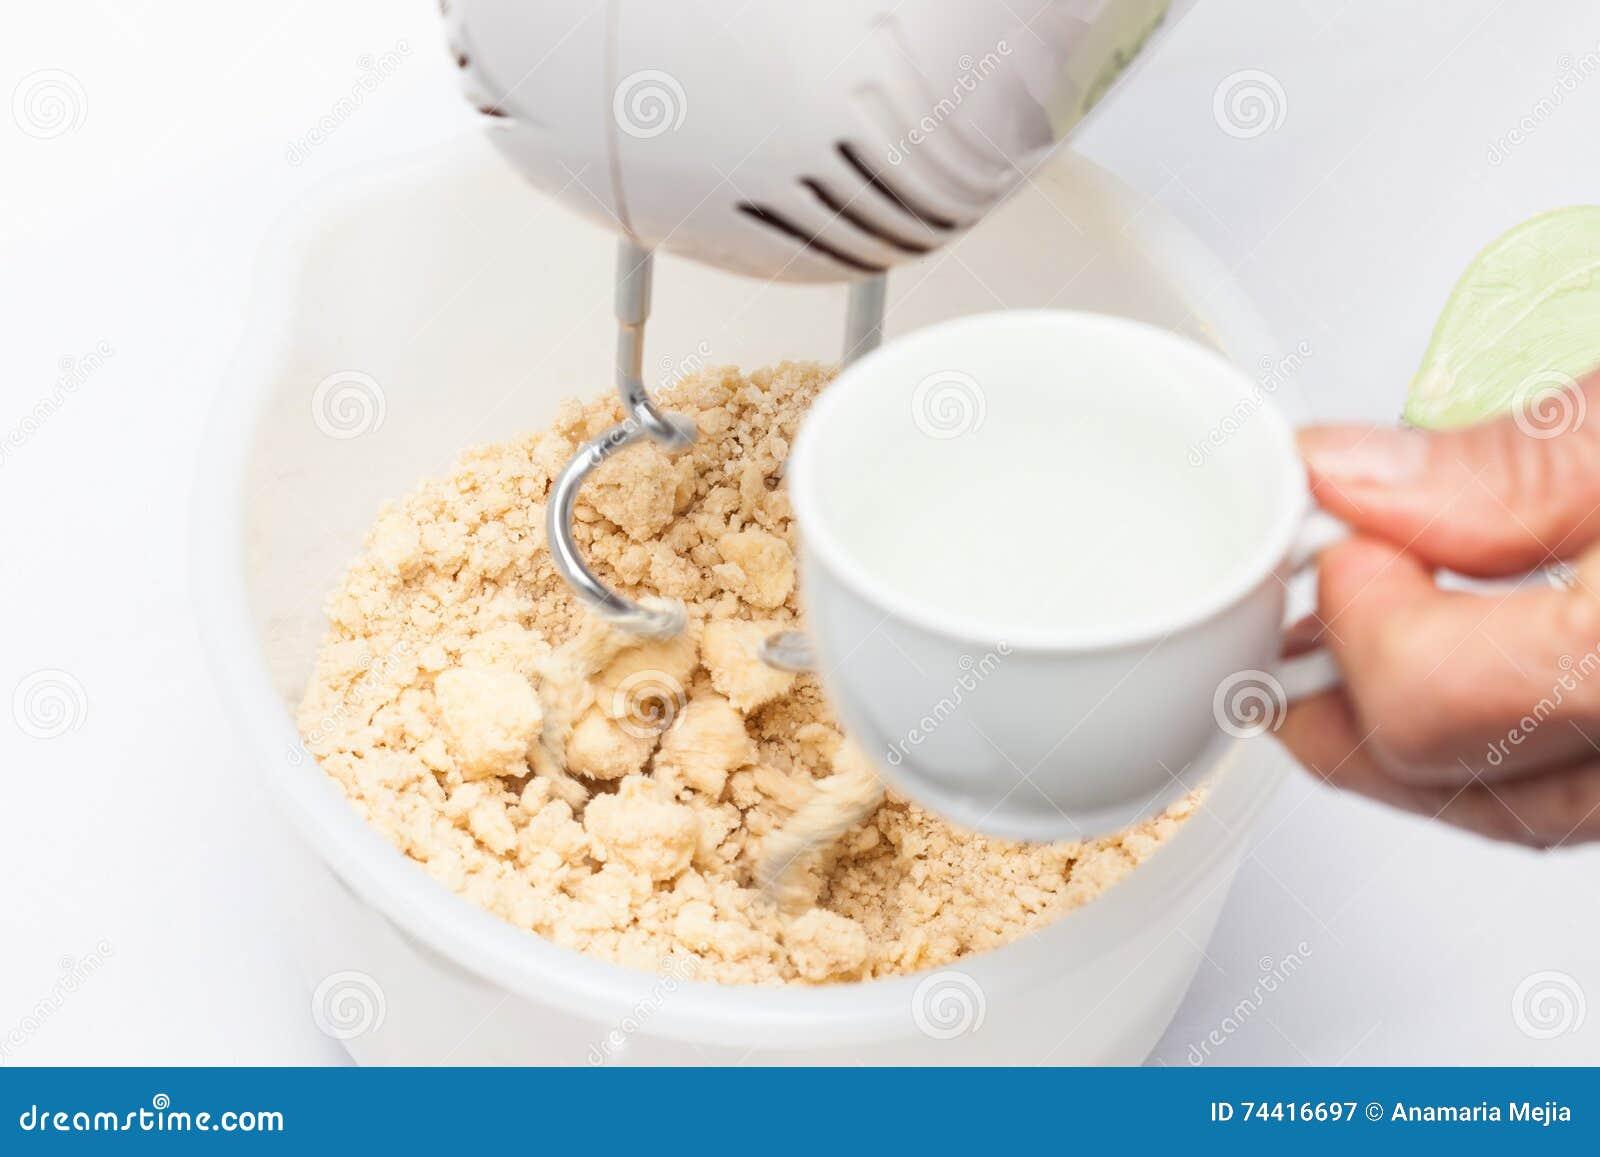 Hinzufügen Des Wassers Mit Zitrone Dem Quiche Lorraine Teig